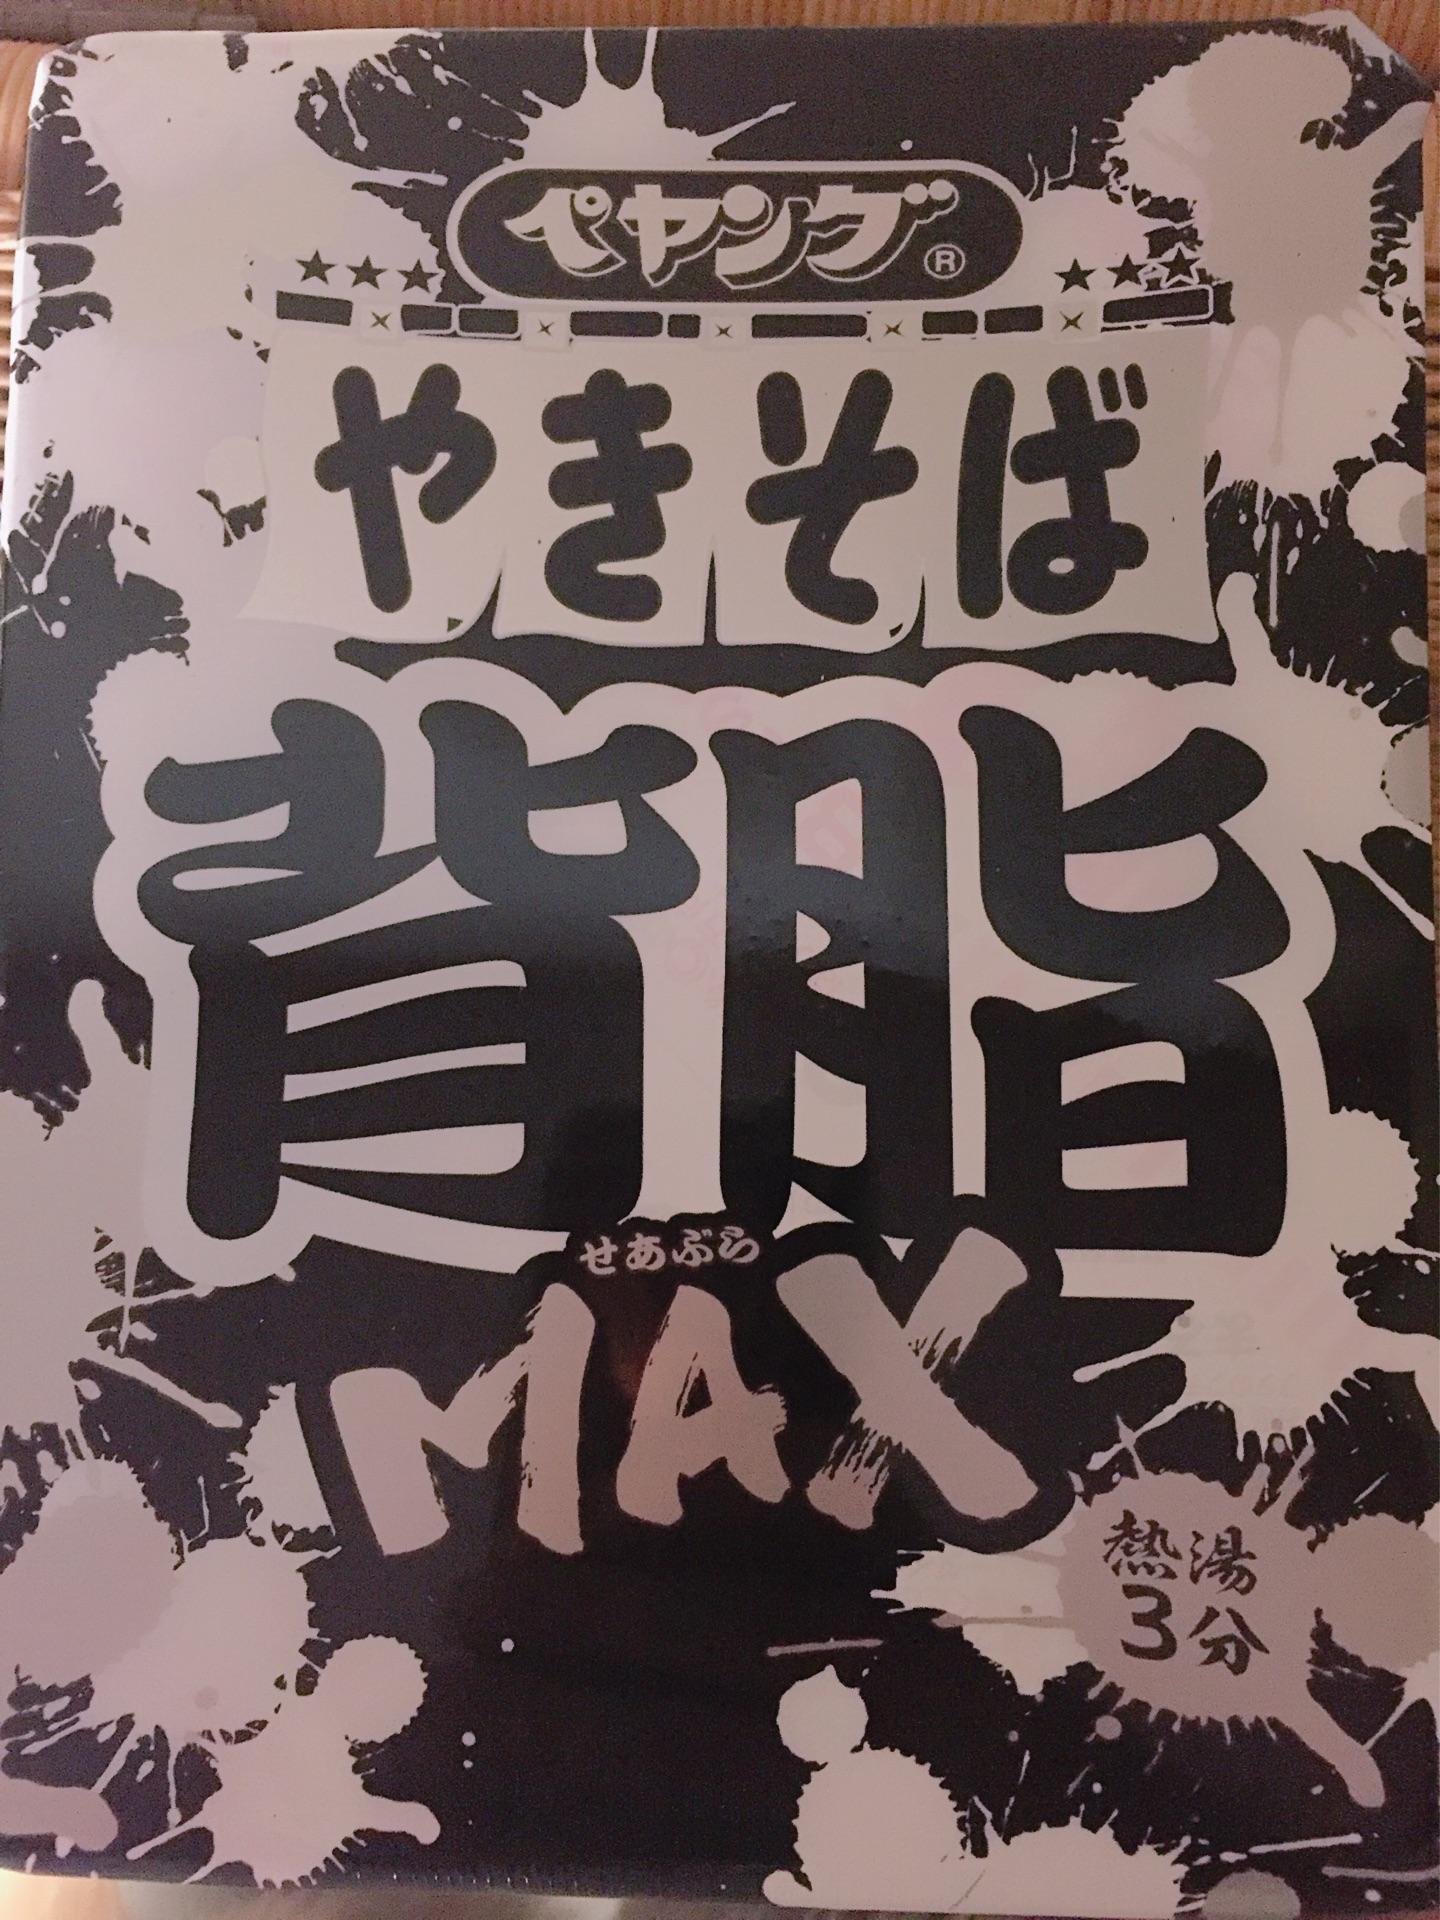 【ダンス】SKEだったくーさんこと矢神久美ちゃん(の活動再開を喜びつつSKEメンバーをなでるスレ)☆170【にゃはっぴー】©2ch.netYouTube動画>14本 ->画像>942枚